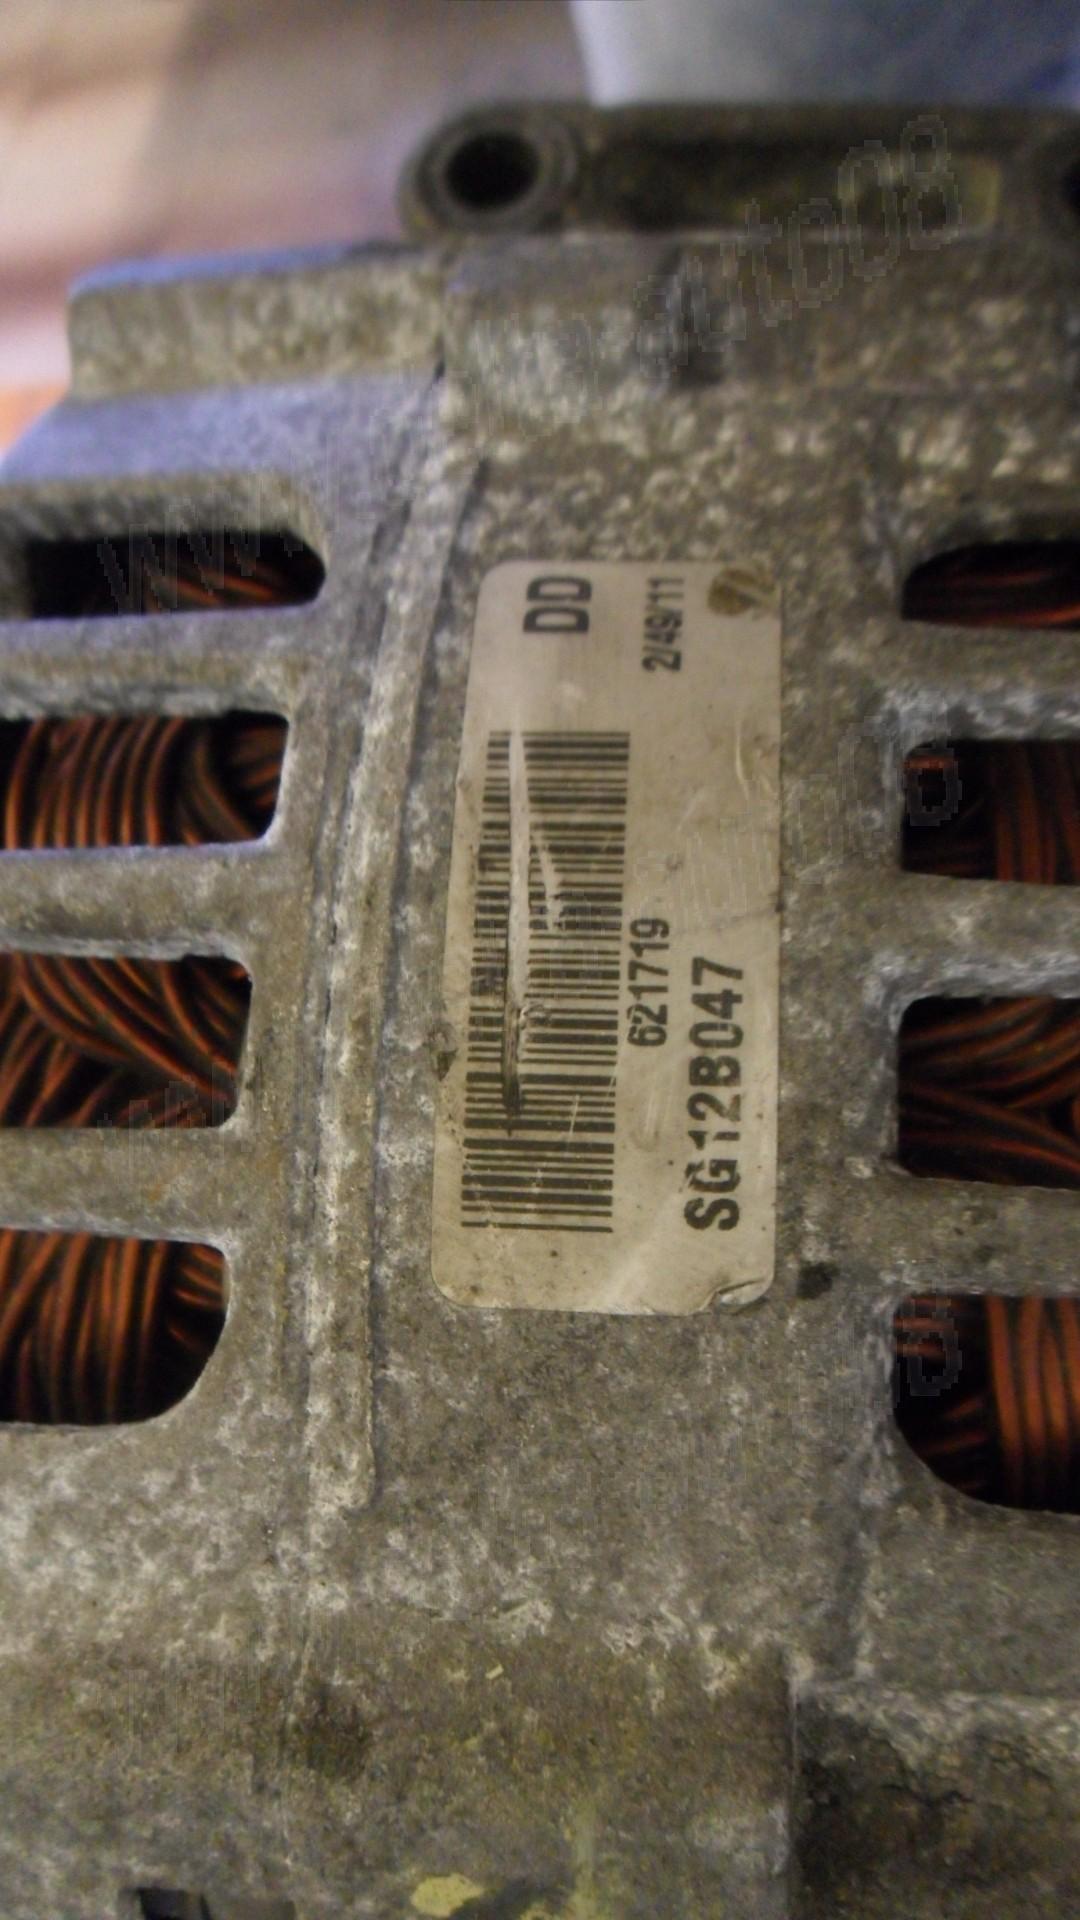 Алтернатор, генератор за Audi A4, A6, 1.6T, 1.8T, 2.0 TFSI, FSI, 2002-2009г., SG12B047